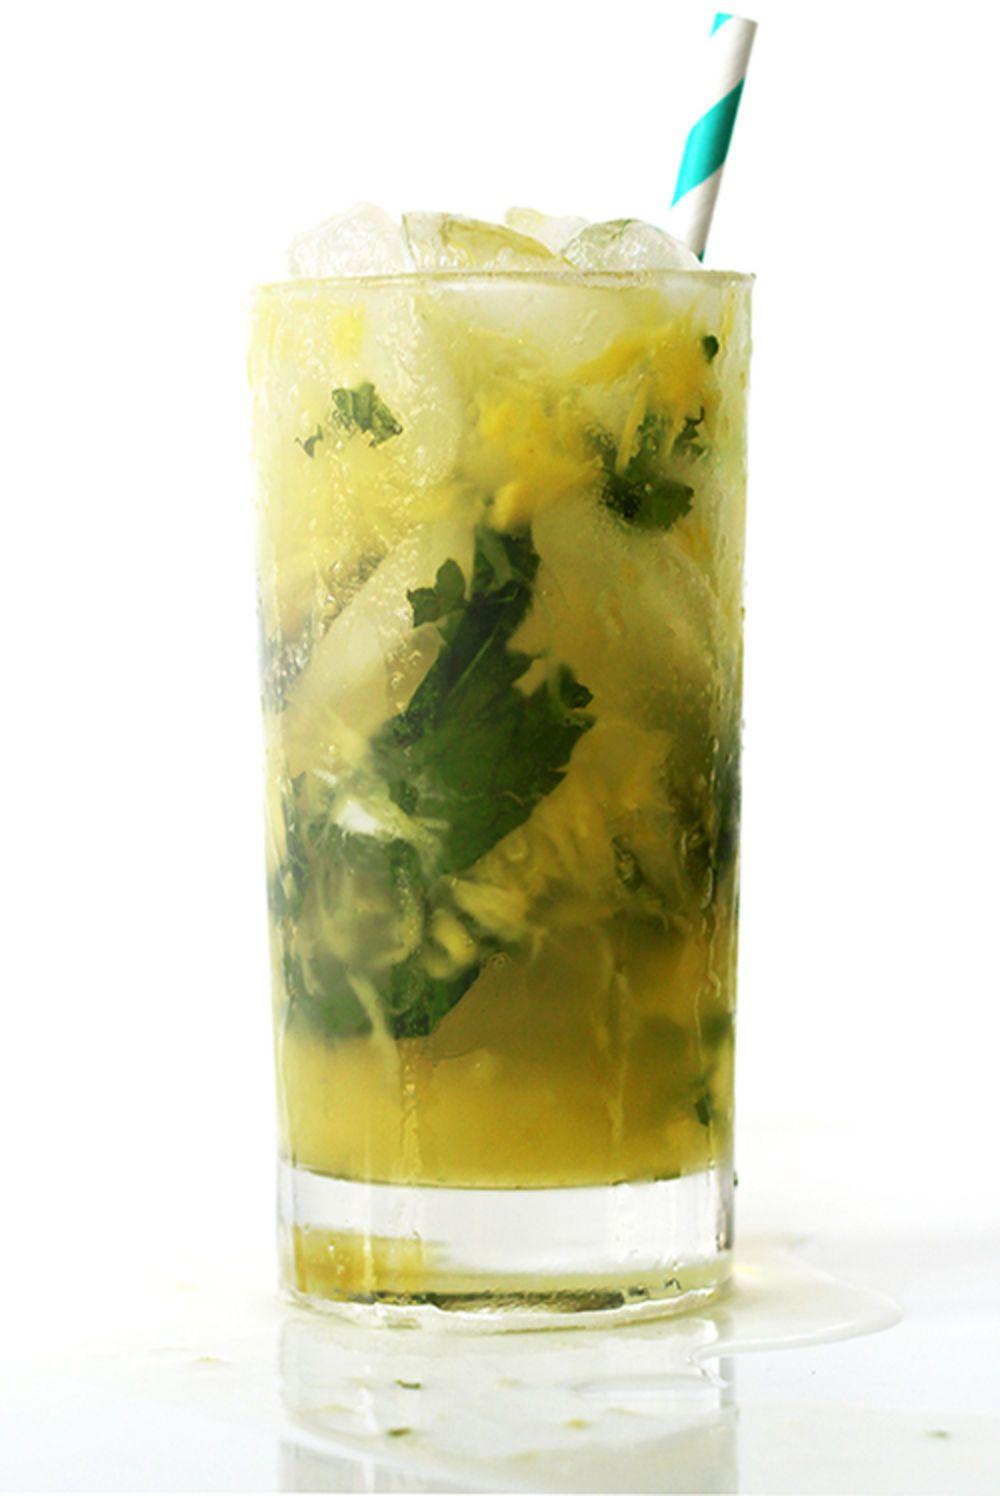 Pineapple mojito recipe